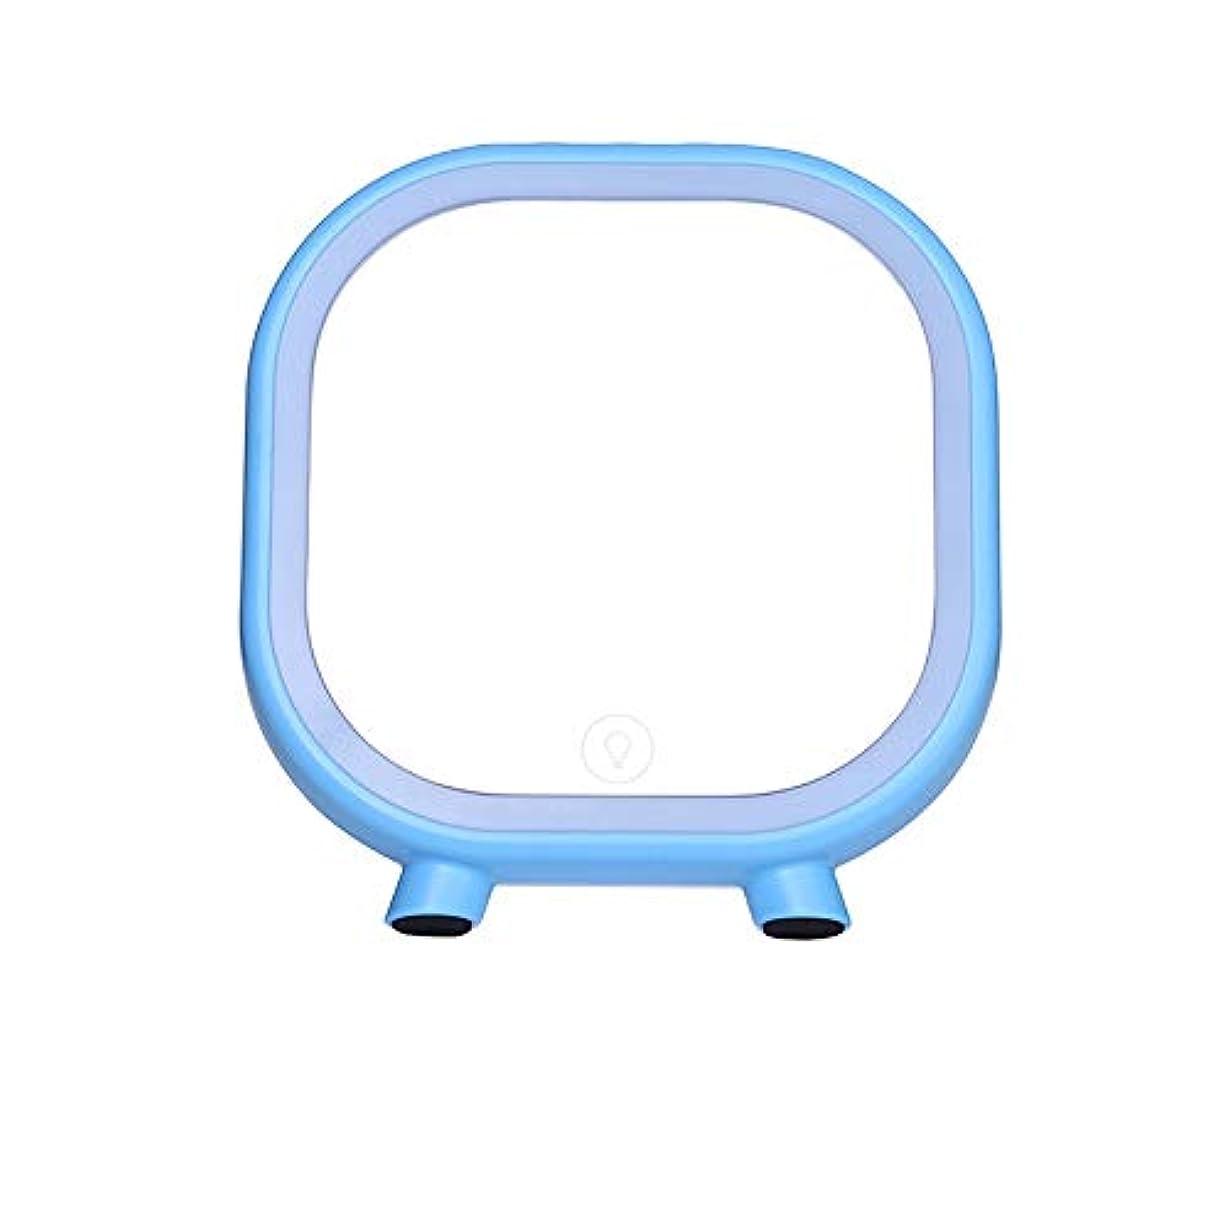 カルシウム古いピンク流行の 創造的なLEDの薄いピンク/青い正方形のブルートゥースのスピーカーの化粧台/化粧鏡 (色 : Blue)